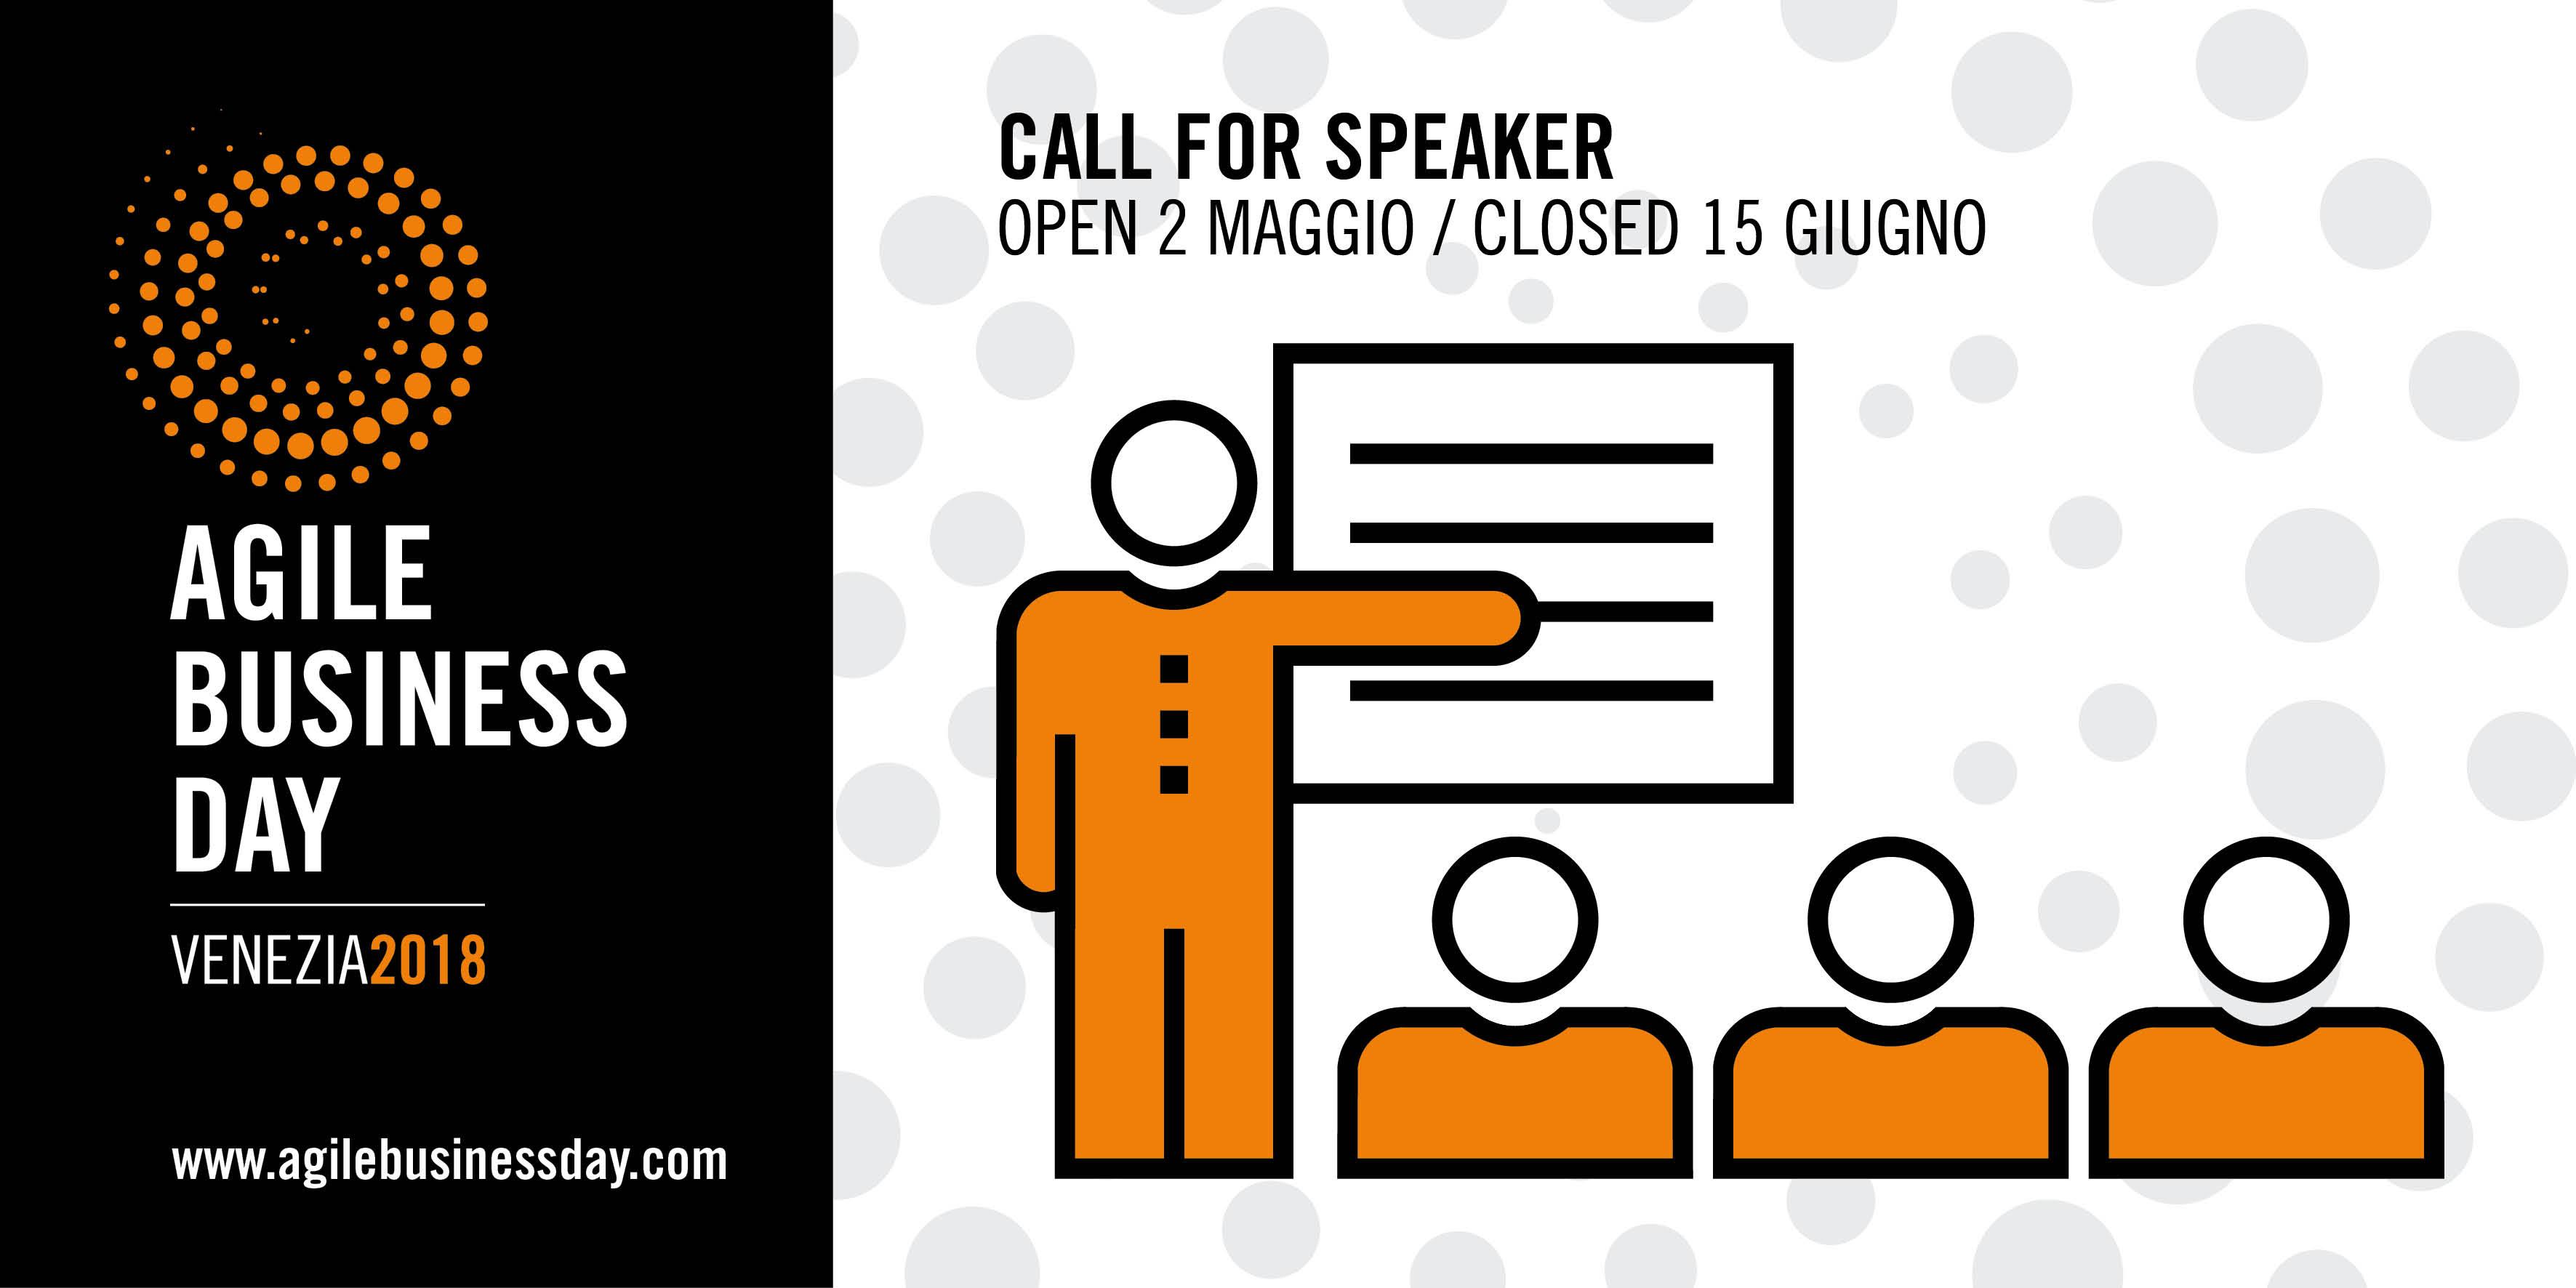 call for speaker